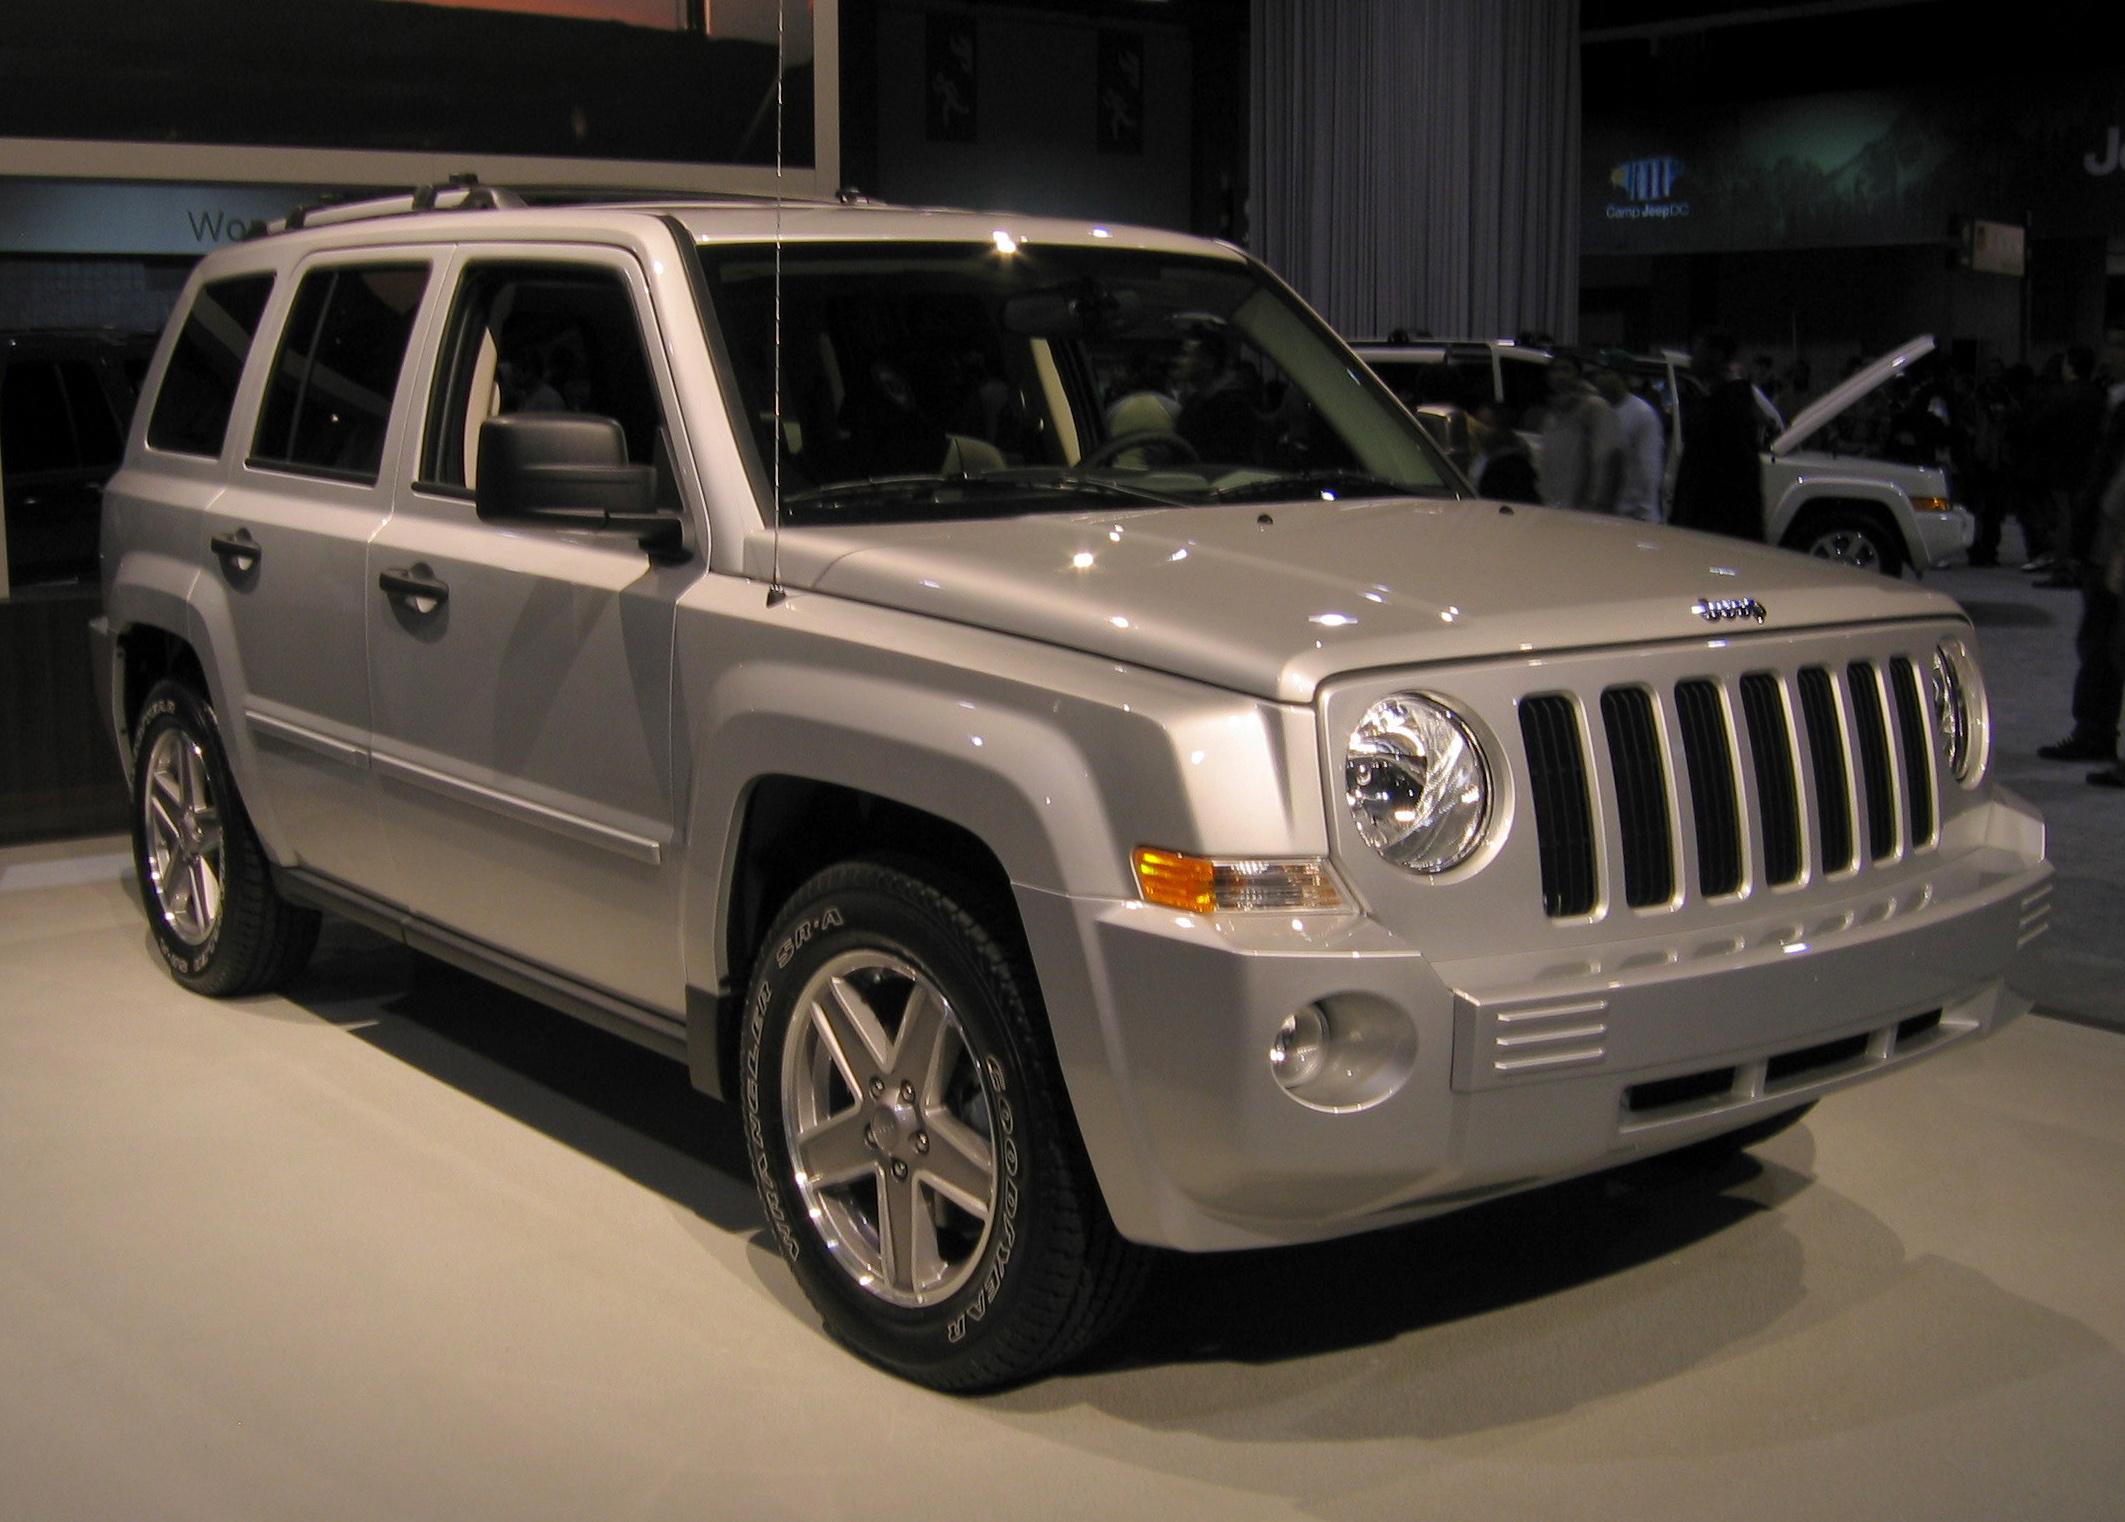 file:jeep patriot-2007washauto - wikimedia commons